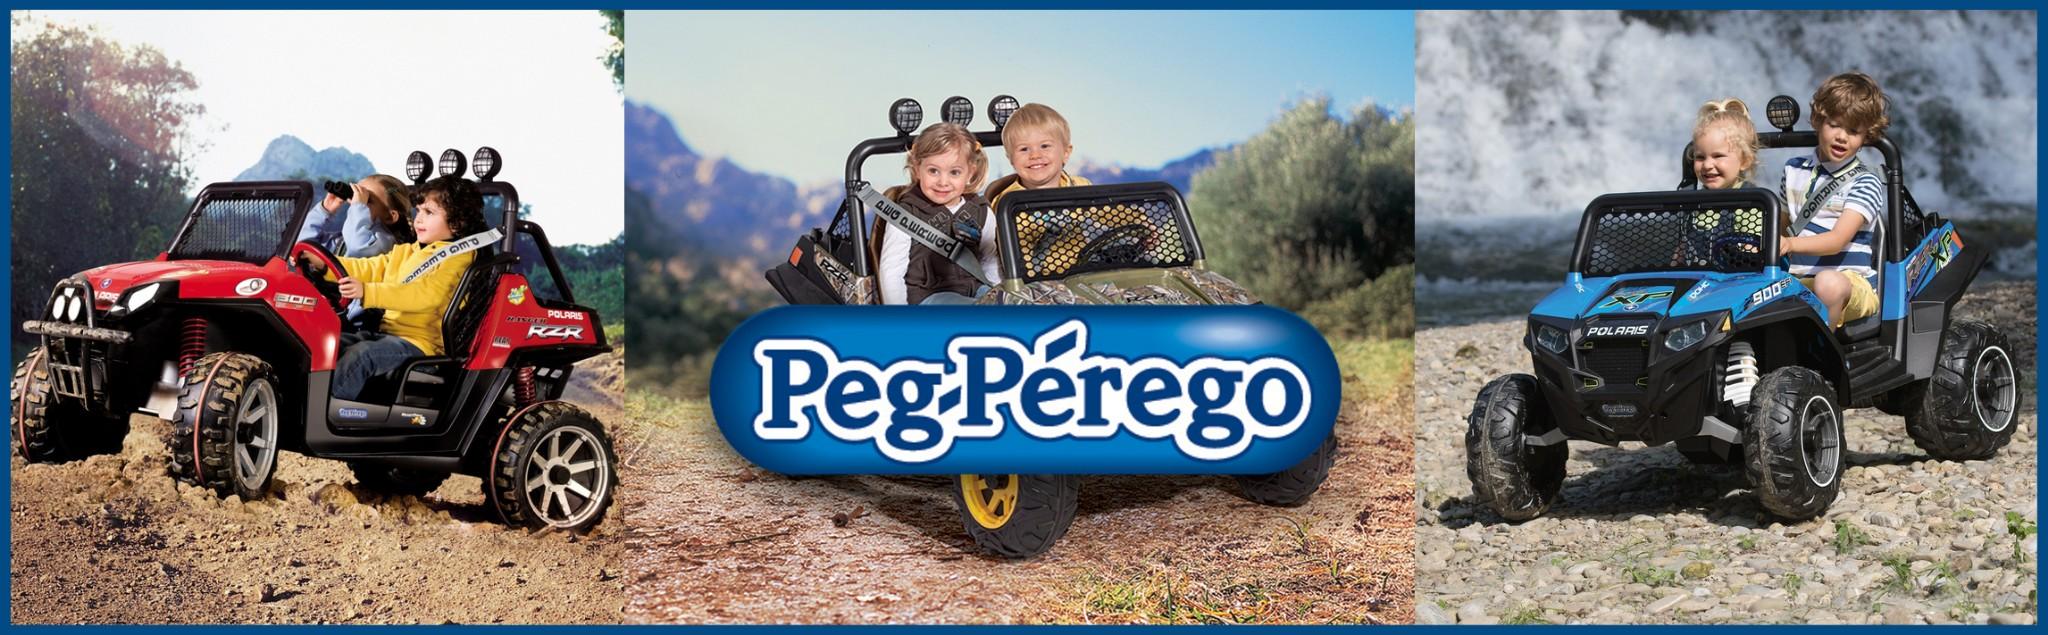 פג-פיריגו איטליה - Peg-Perego - סינדיה